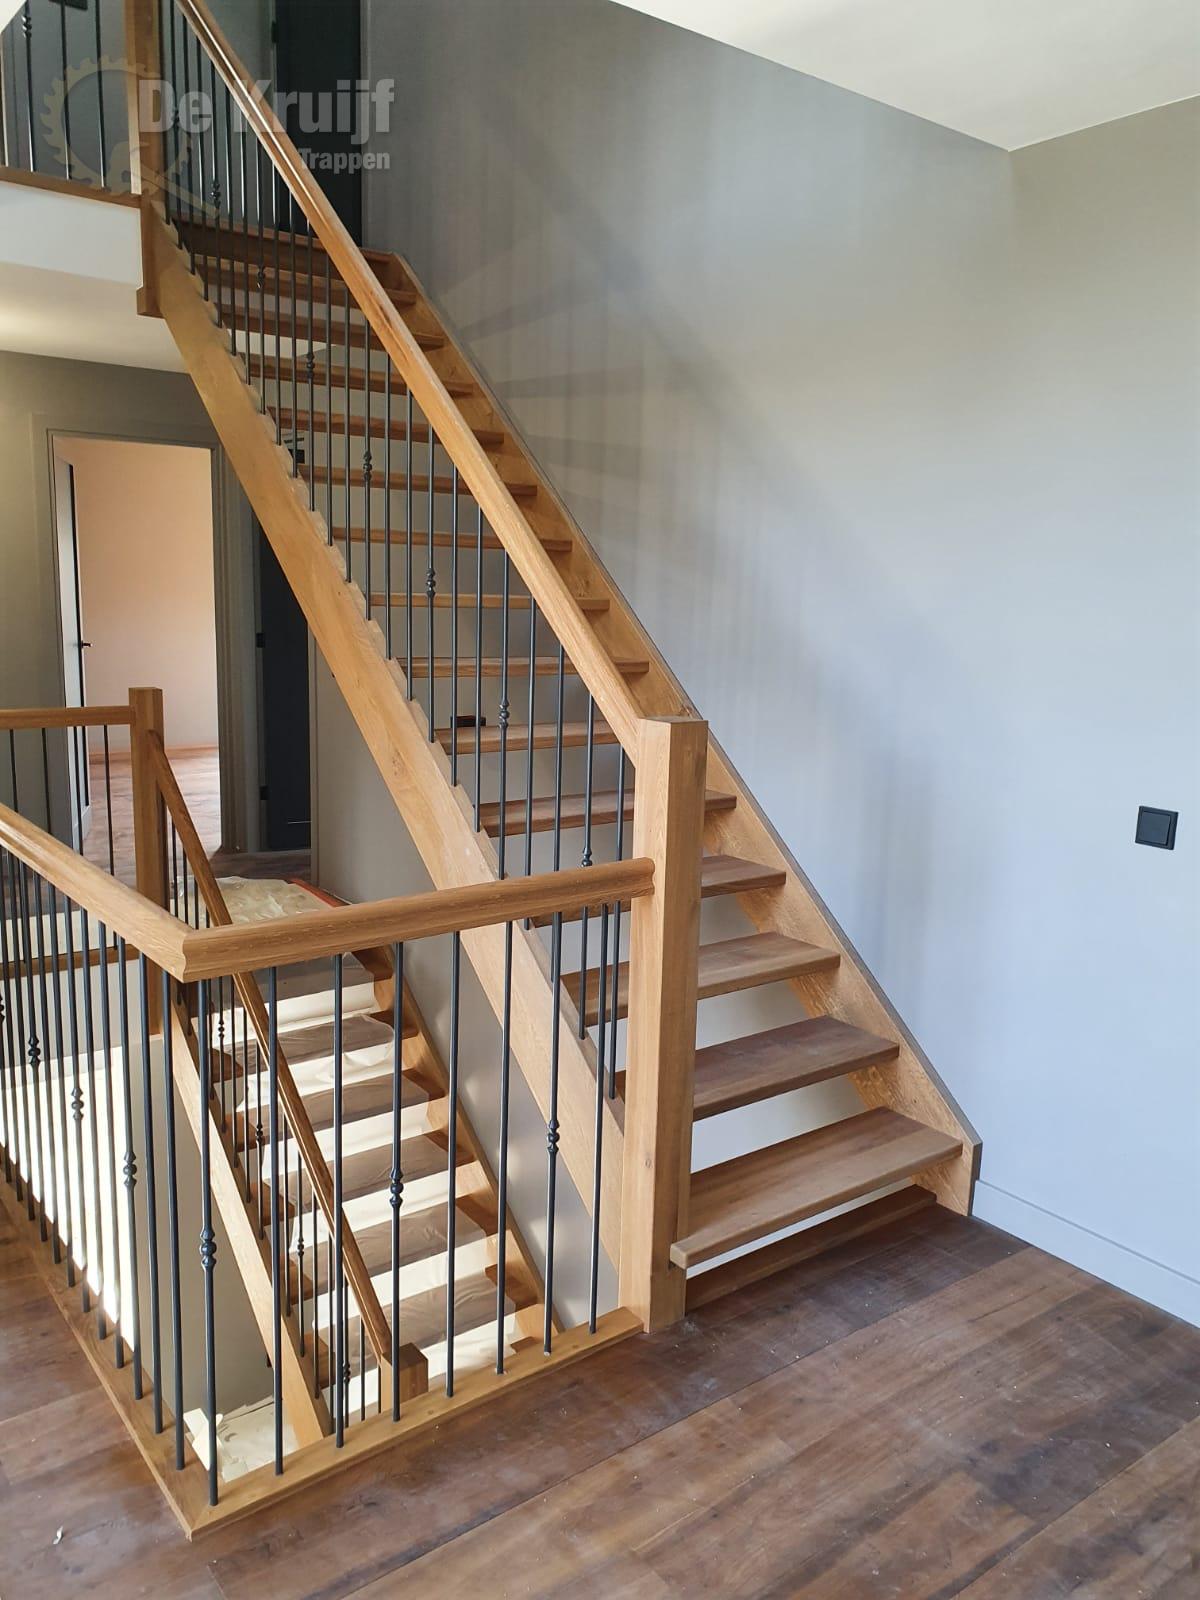 Bordestrappen in trappenhuis - Foto 2